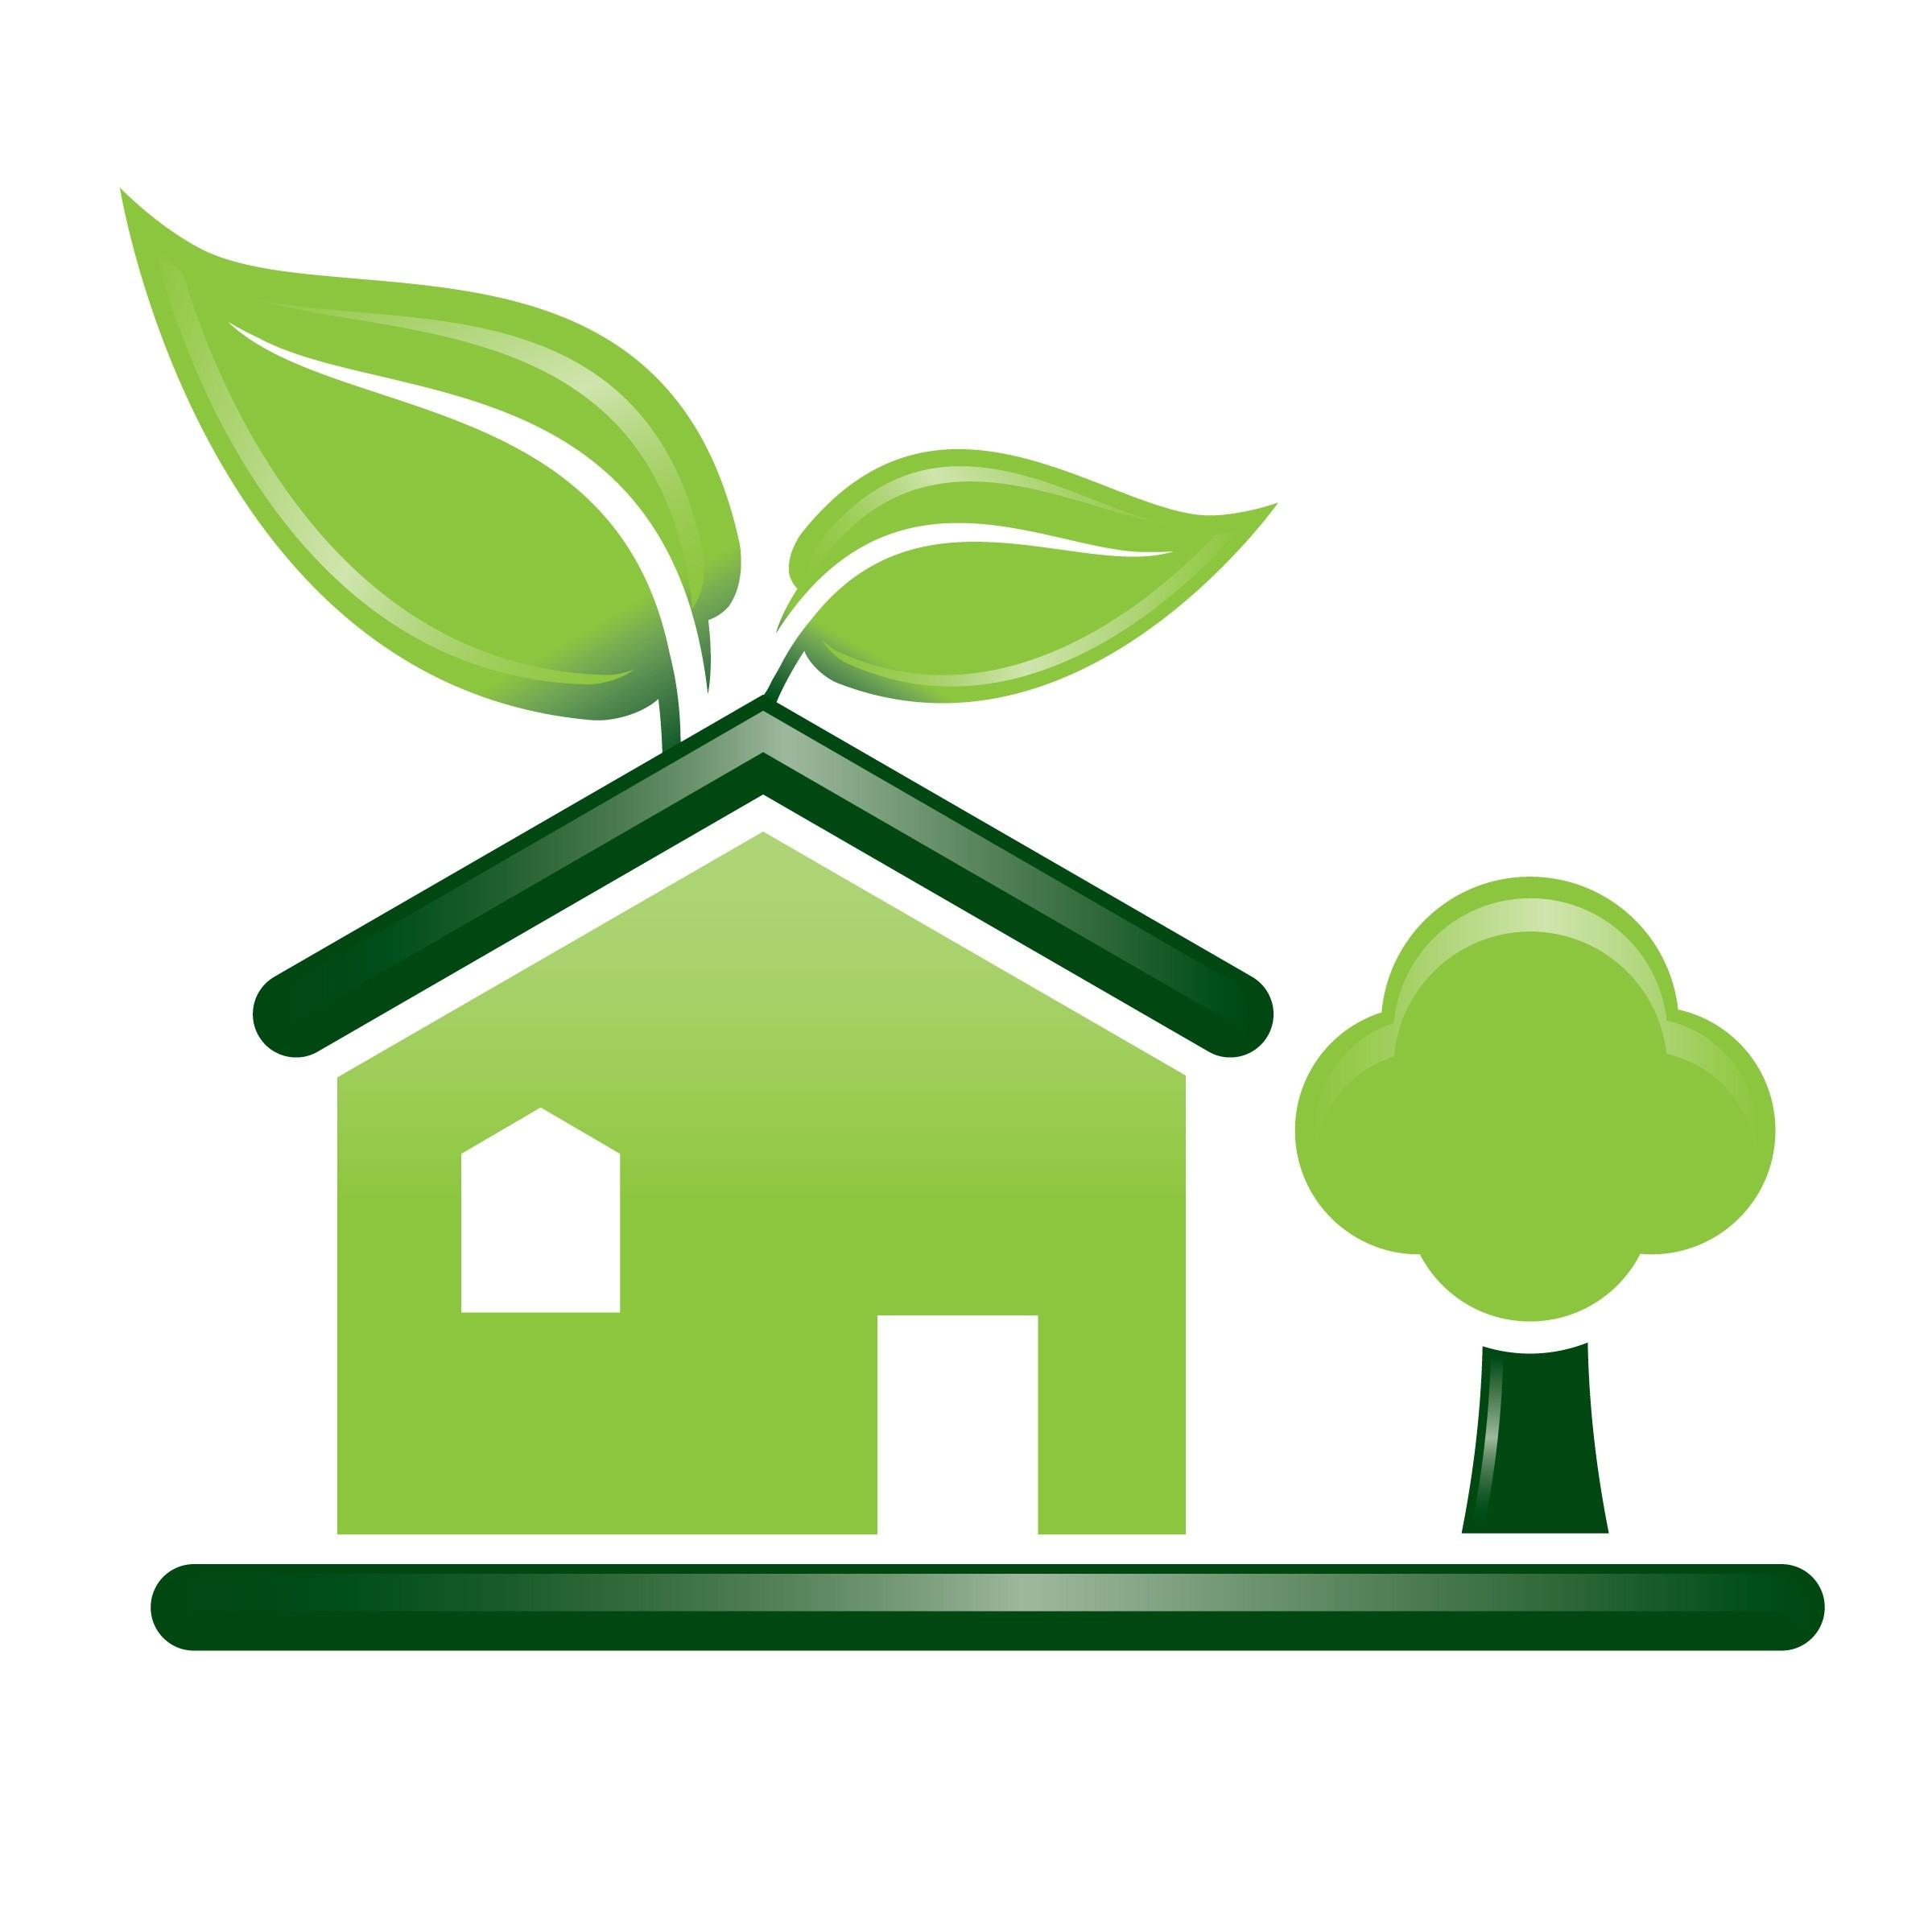 Verde Recycling « UTPB Small Business Development Center - ClipArt ...